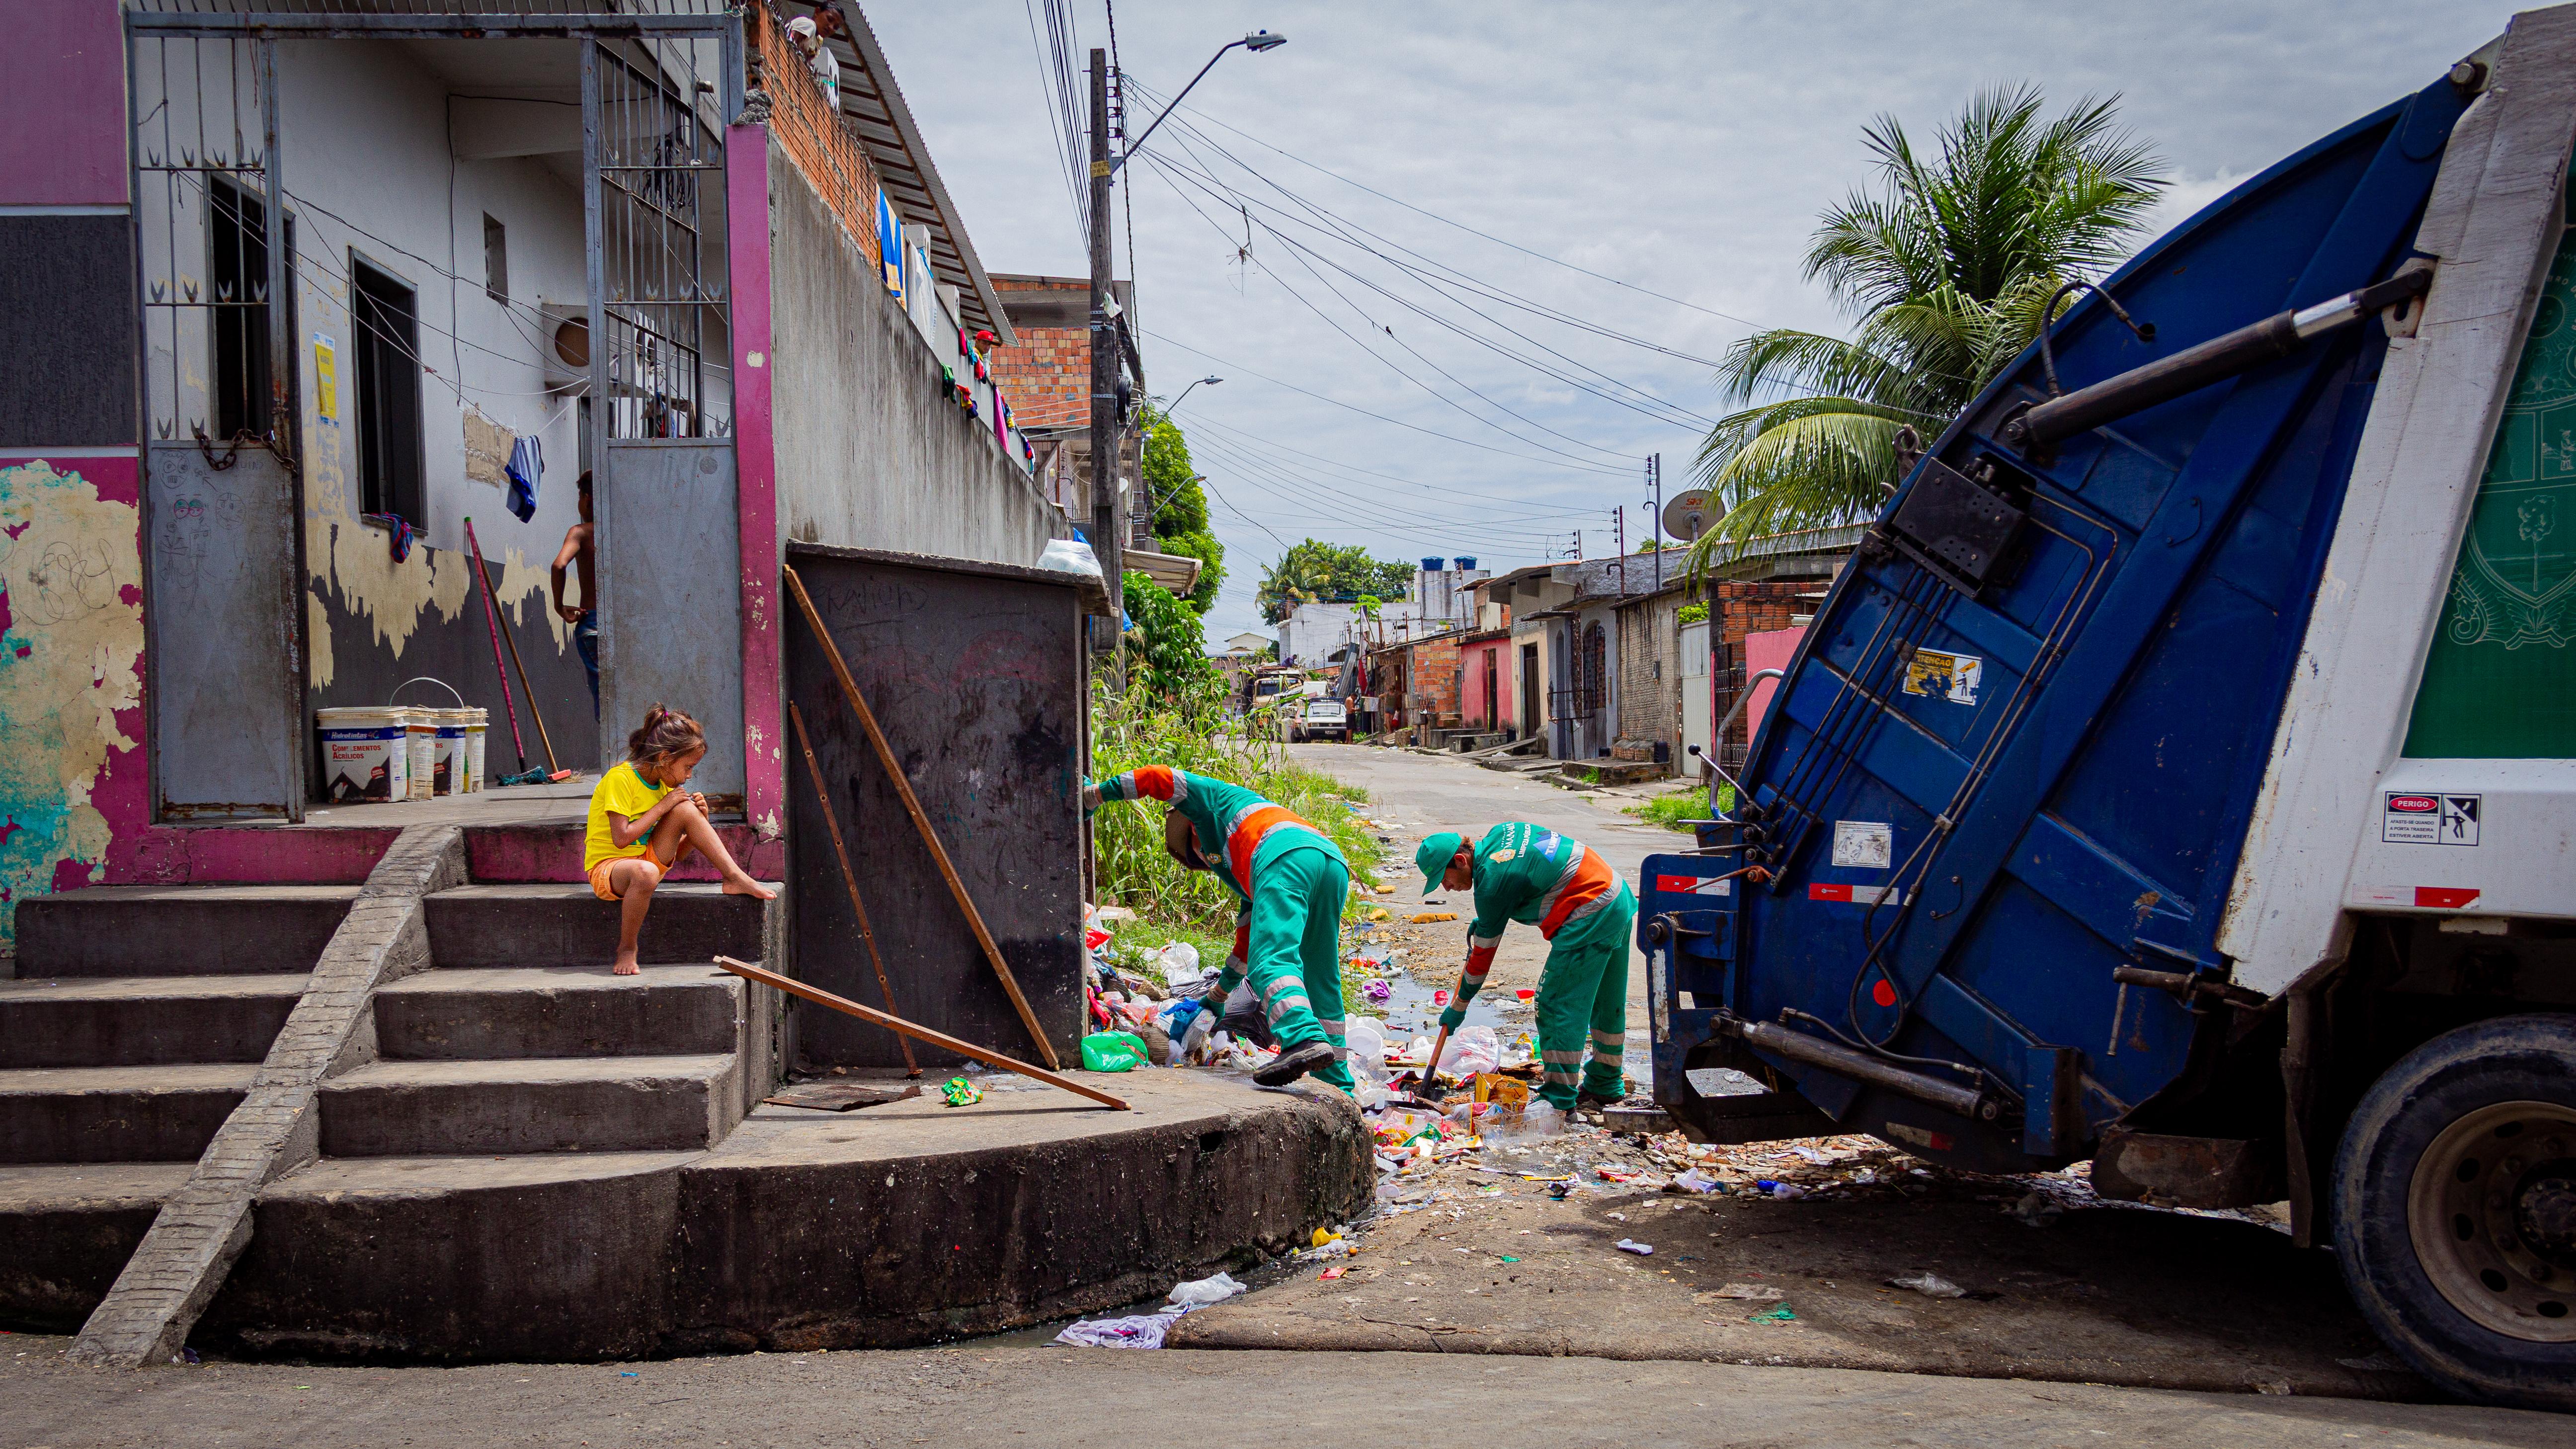 Shelter facade for Warao Indigenous Venezuelans, Boa Vista